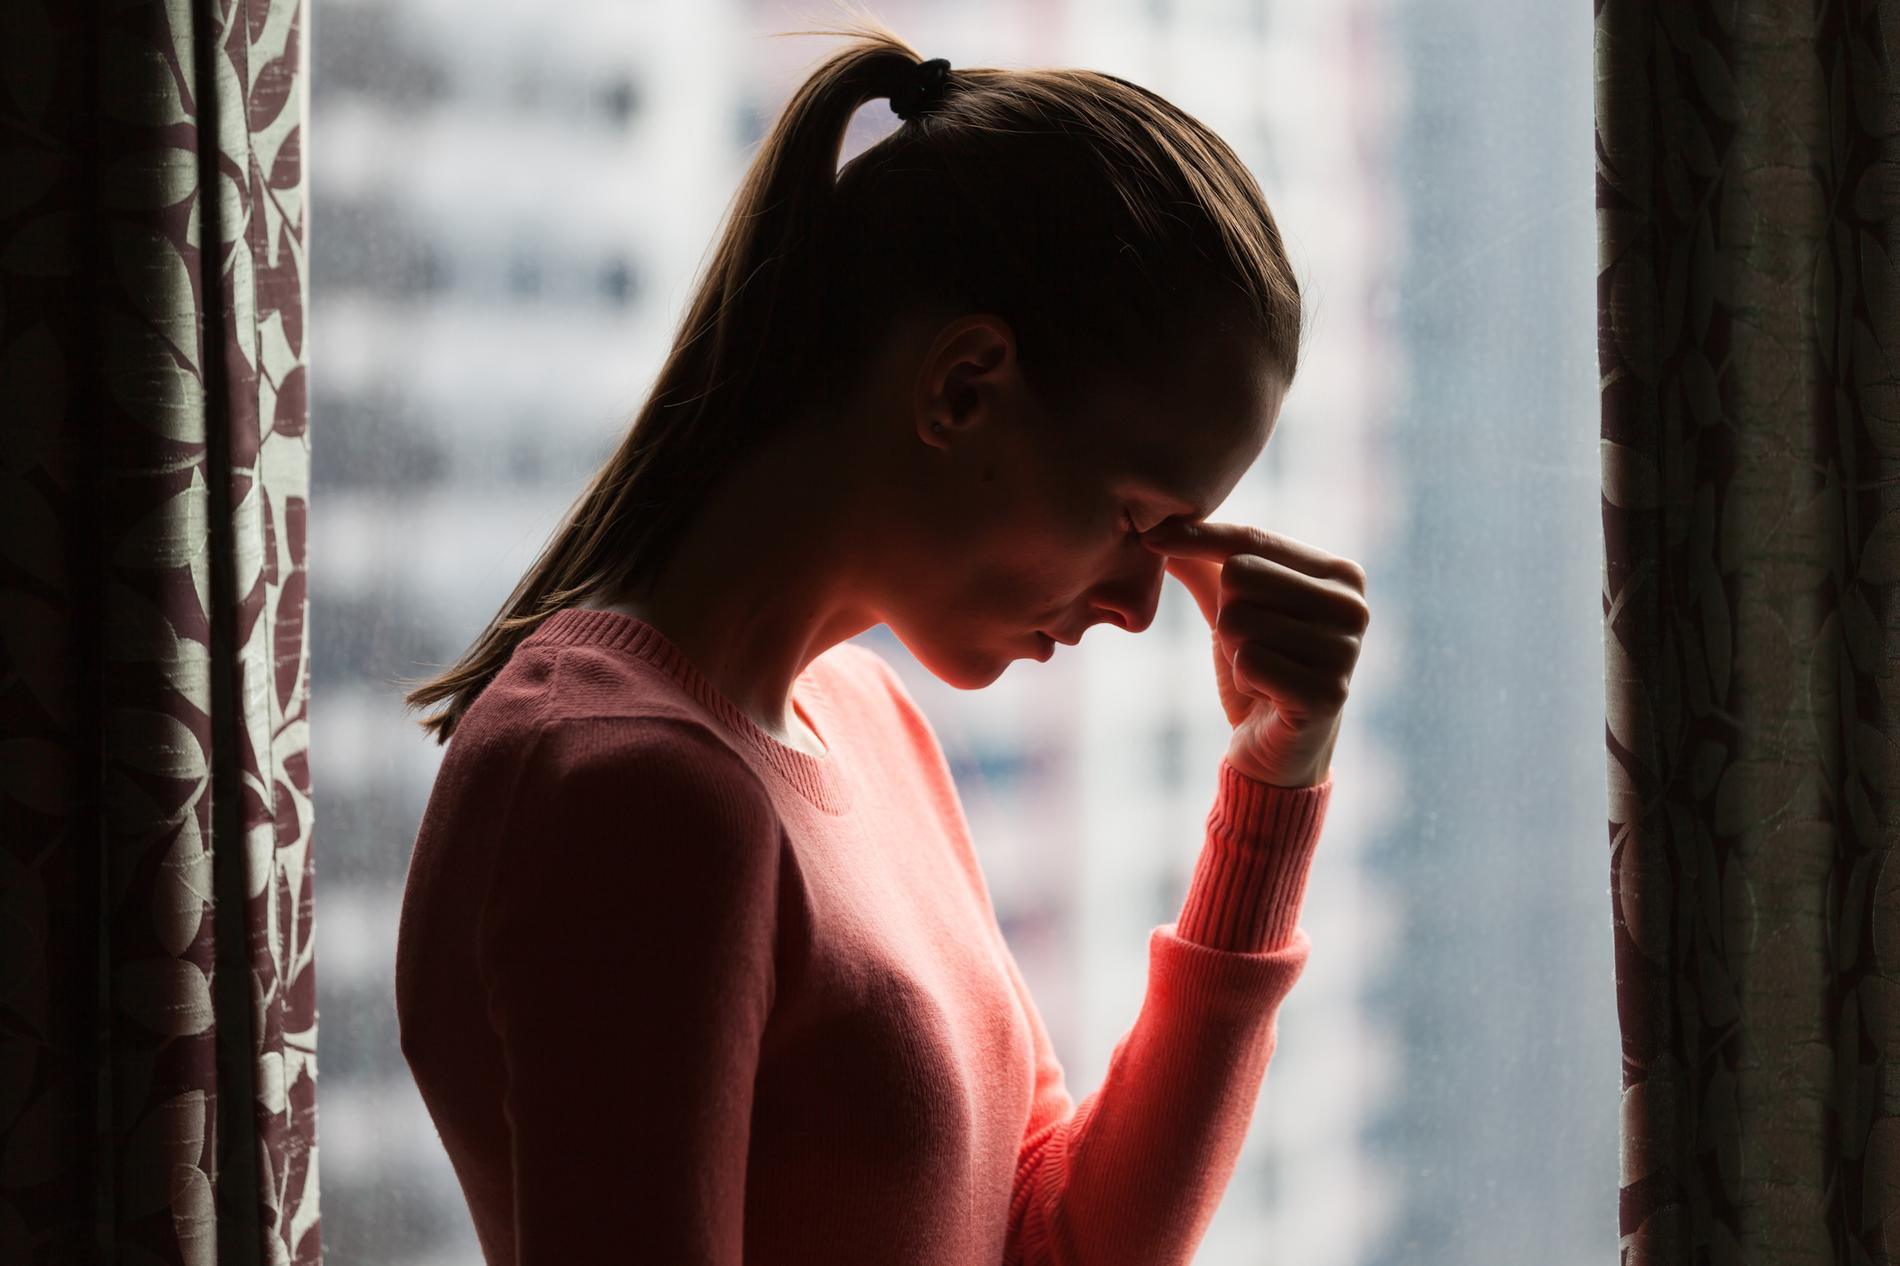 6 dấu hiệu bất thường cho thấy tuyến giáp của bạn đang có vấn đề - Ảnh 6.